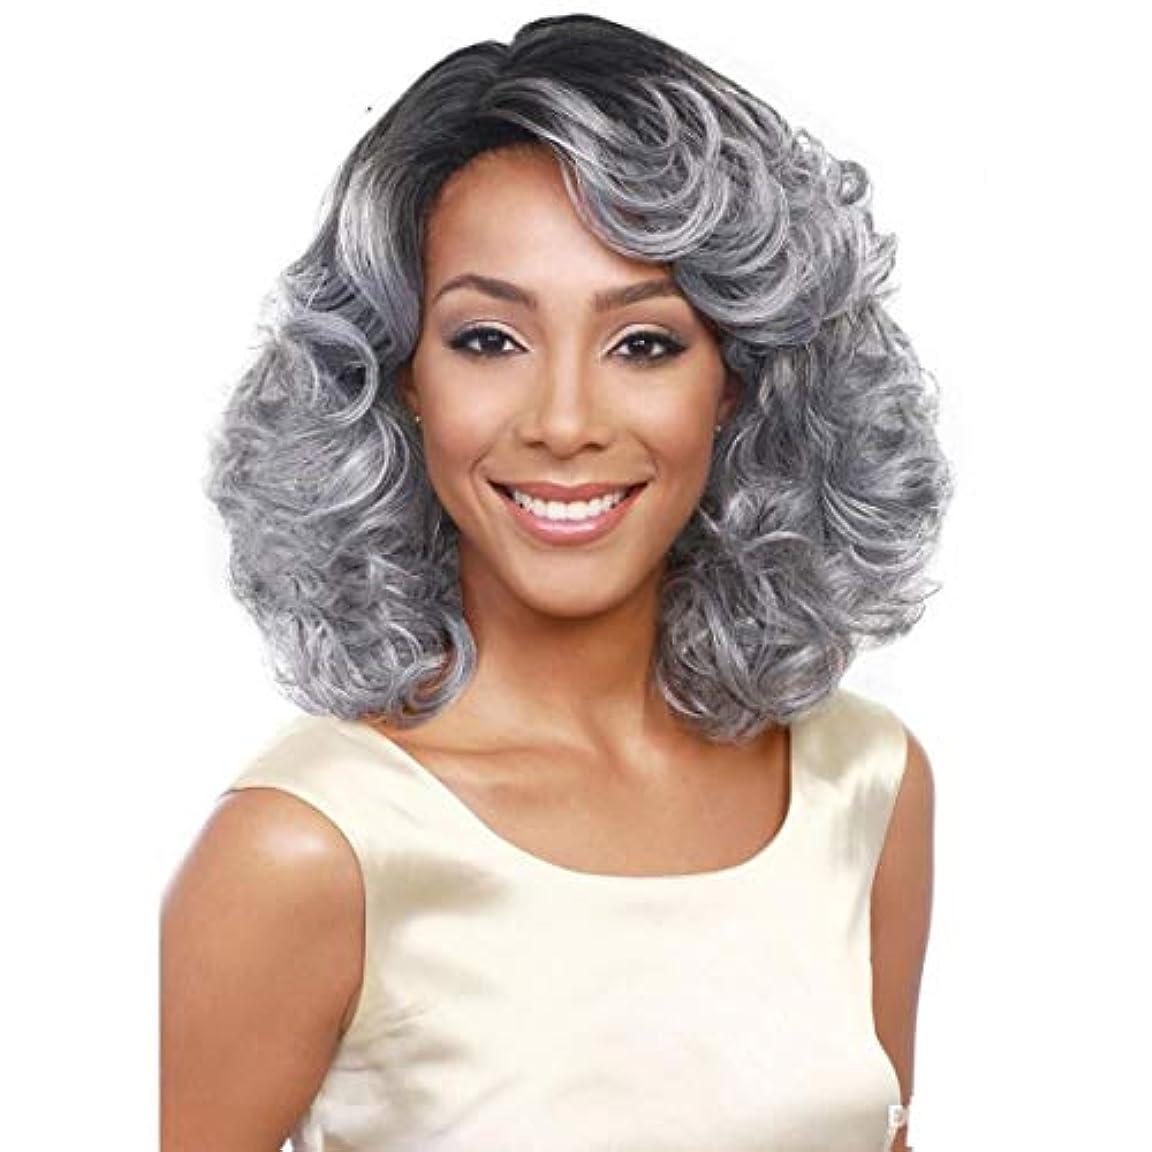 許す瞑想するくまSummerys ソフト&スムーズ女性のためのグレーの短い巻き毛の化学繊維高温ワイヤーをかつら